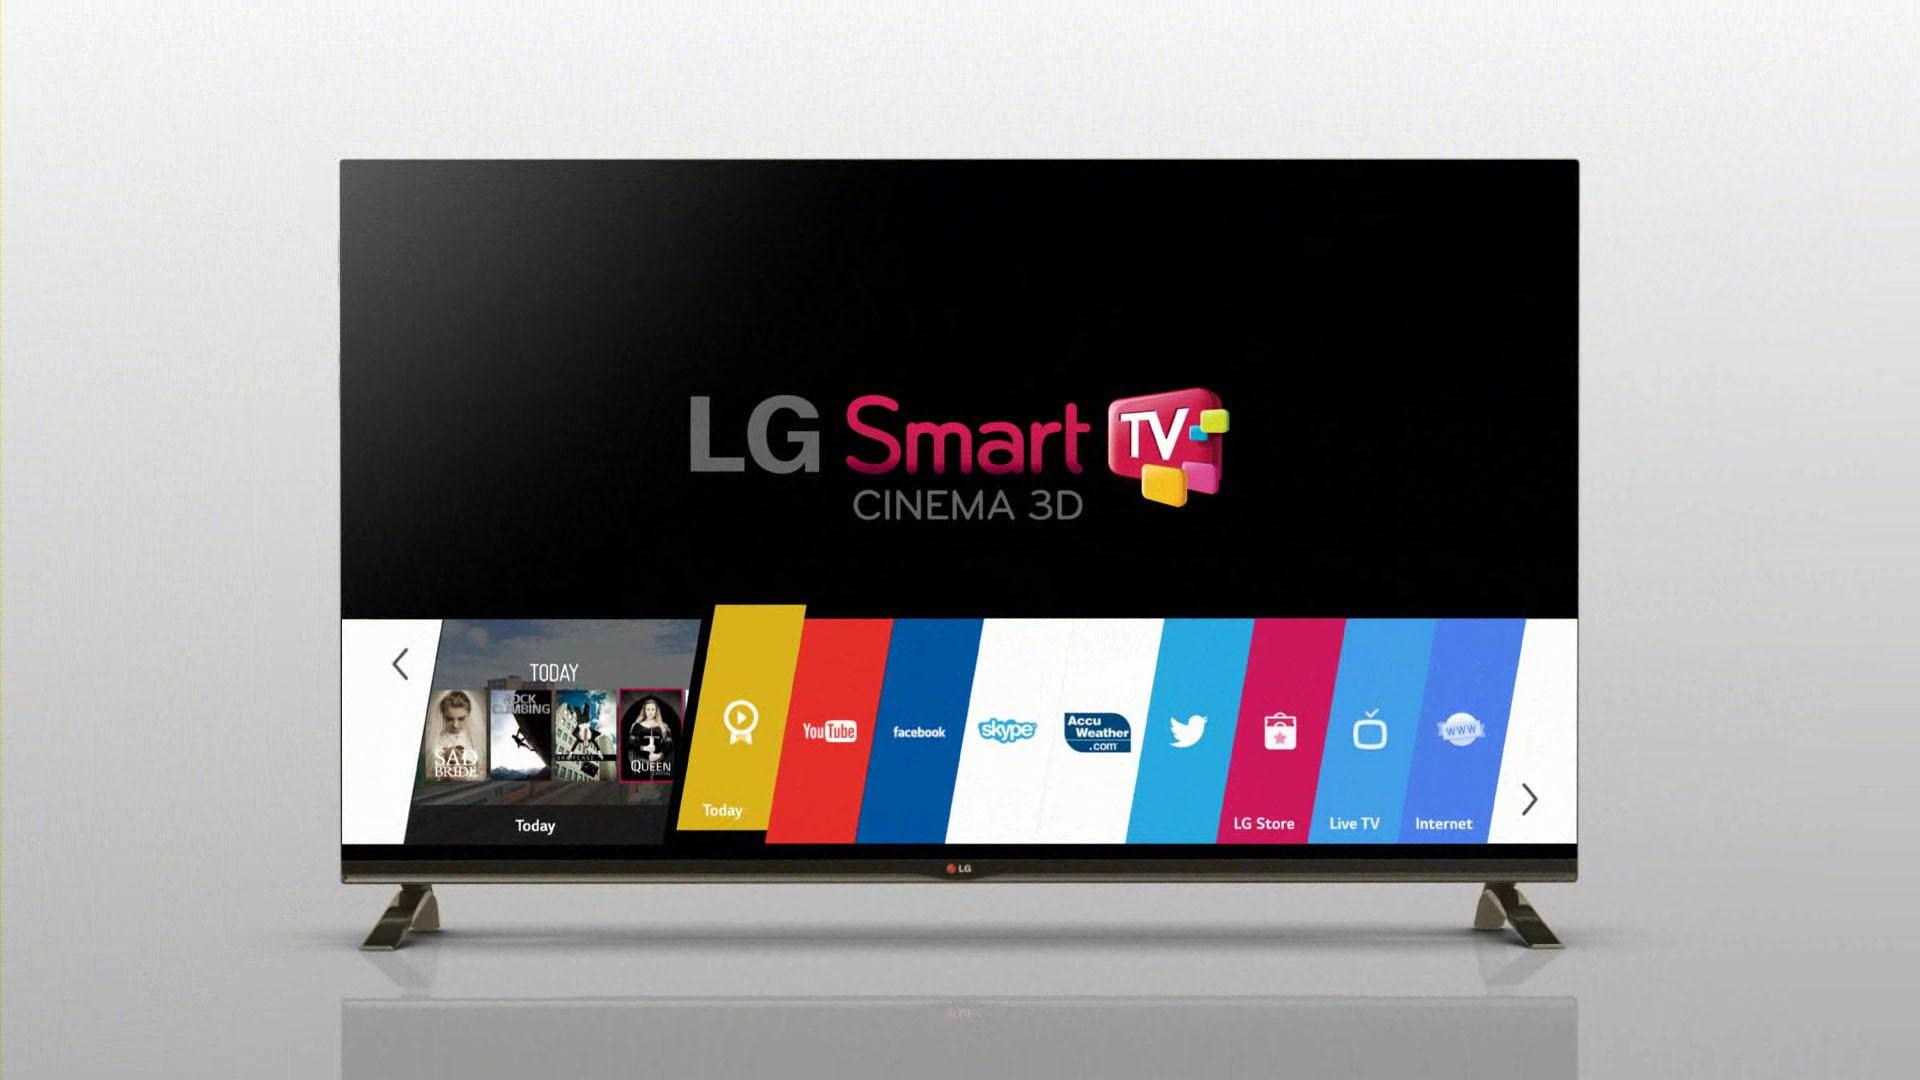 وعده ال جی برای آپدیت تلویزیون های هوشمند در CES 2016